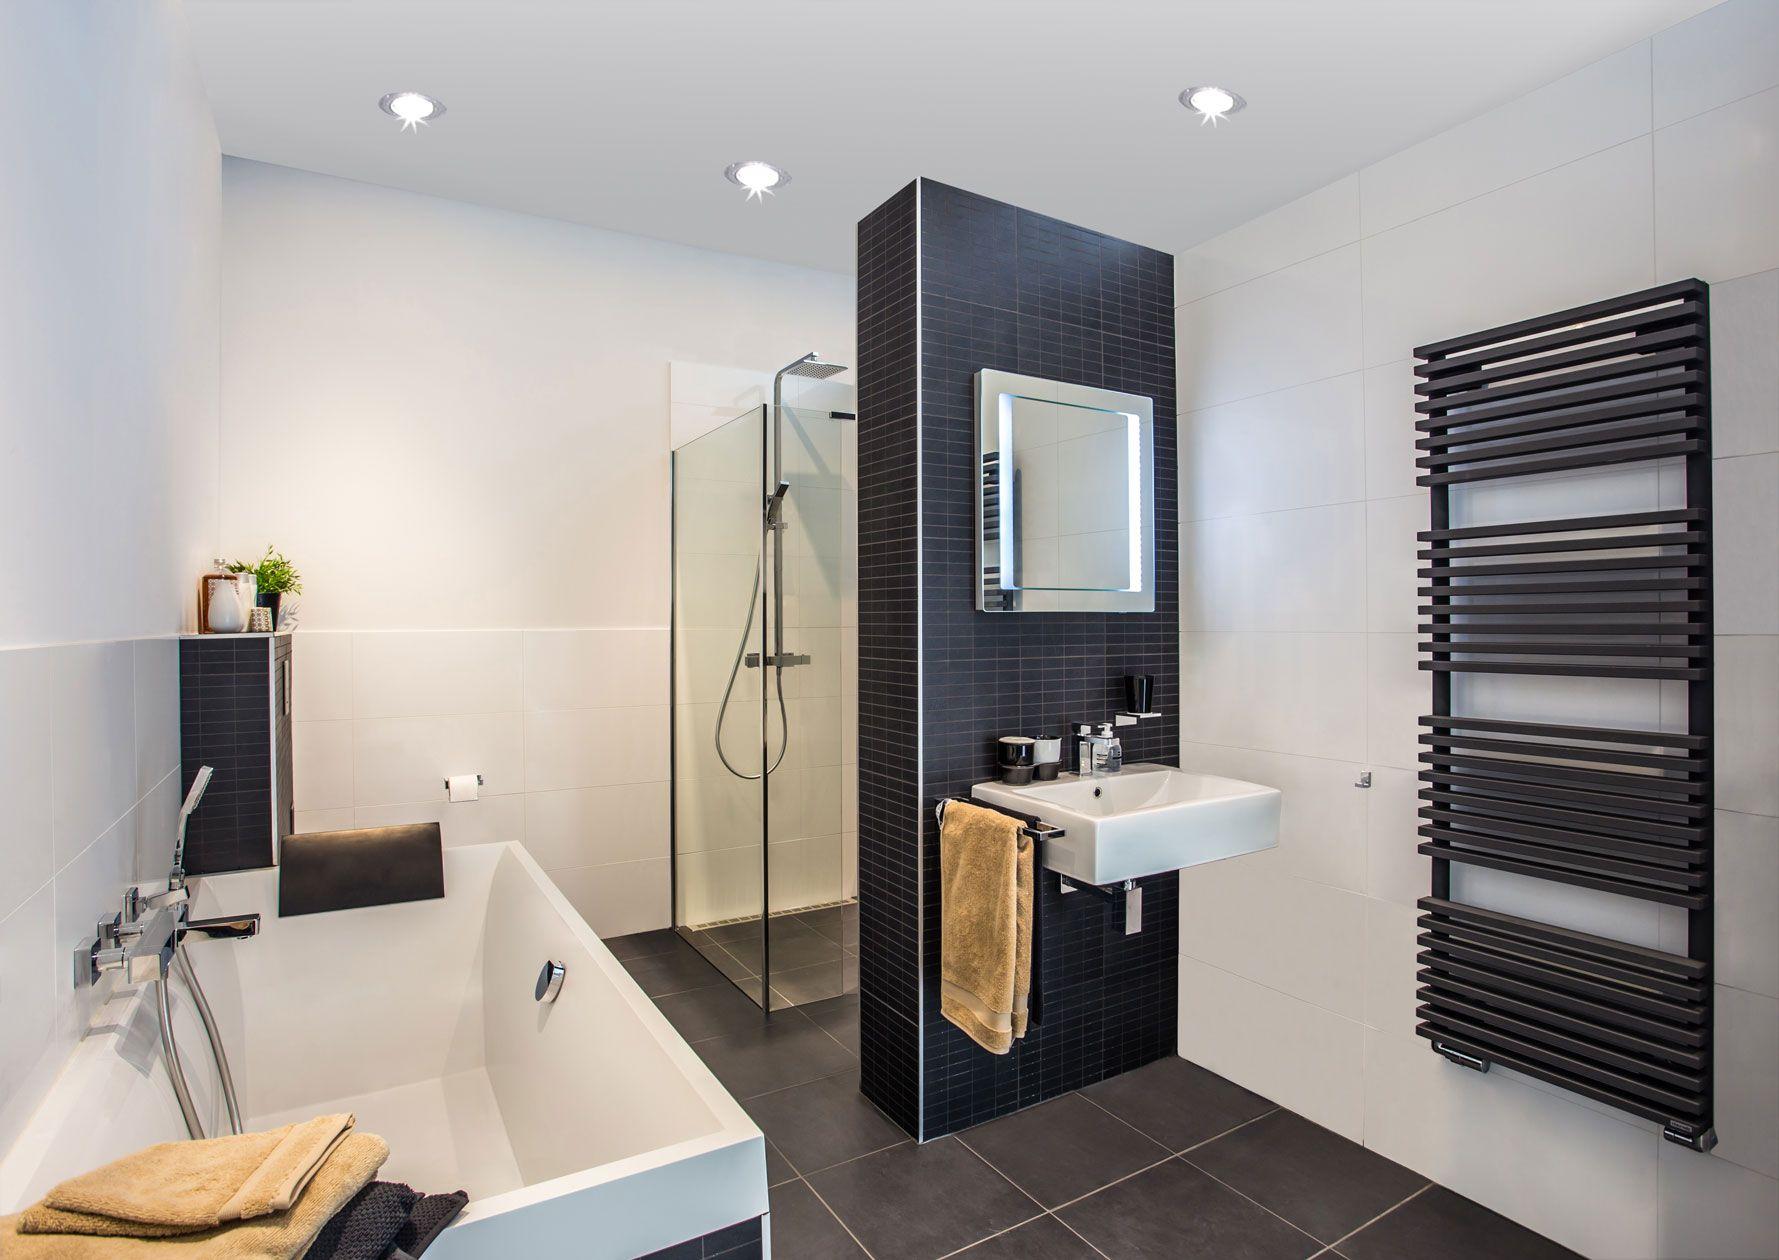 Badkamer Verlichting Ideeen : Badkamerverlichting voorbeelden welke verf voor badkamer cool